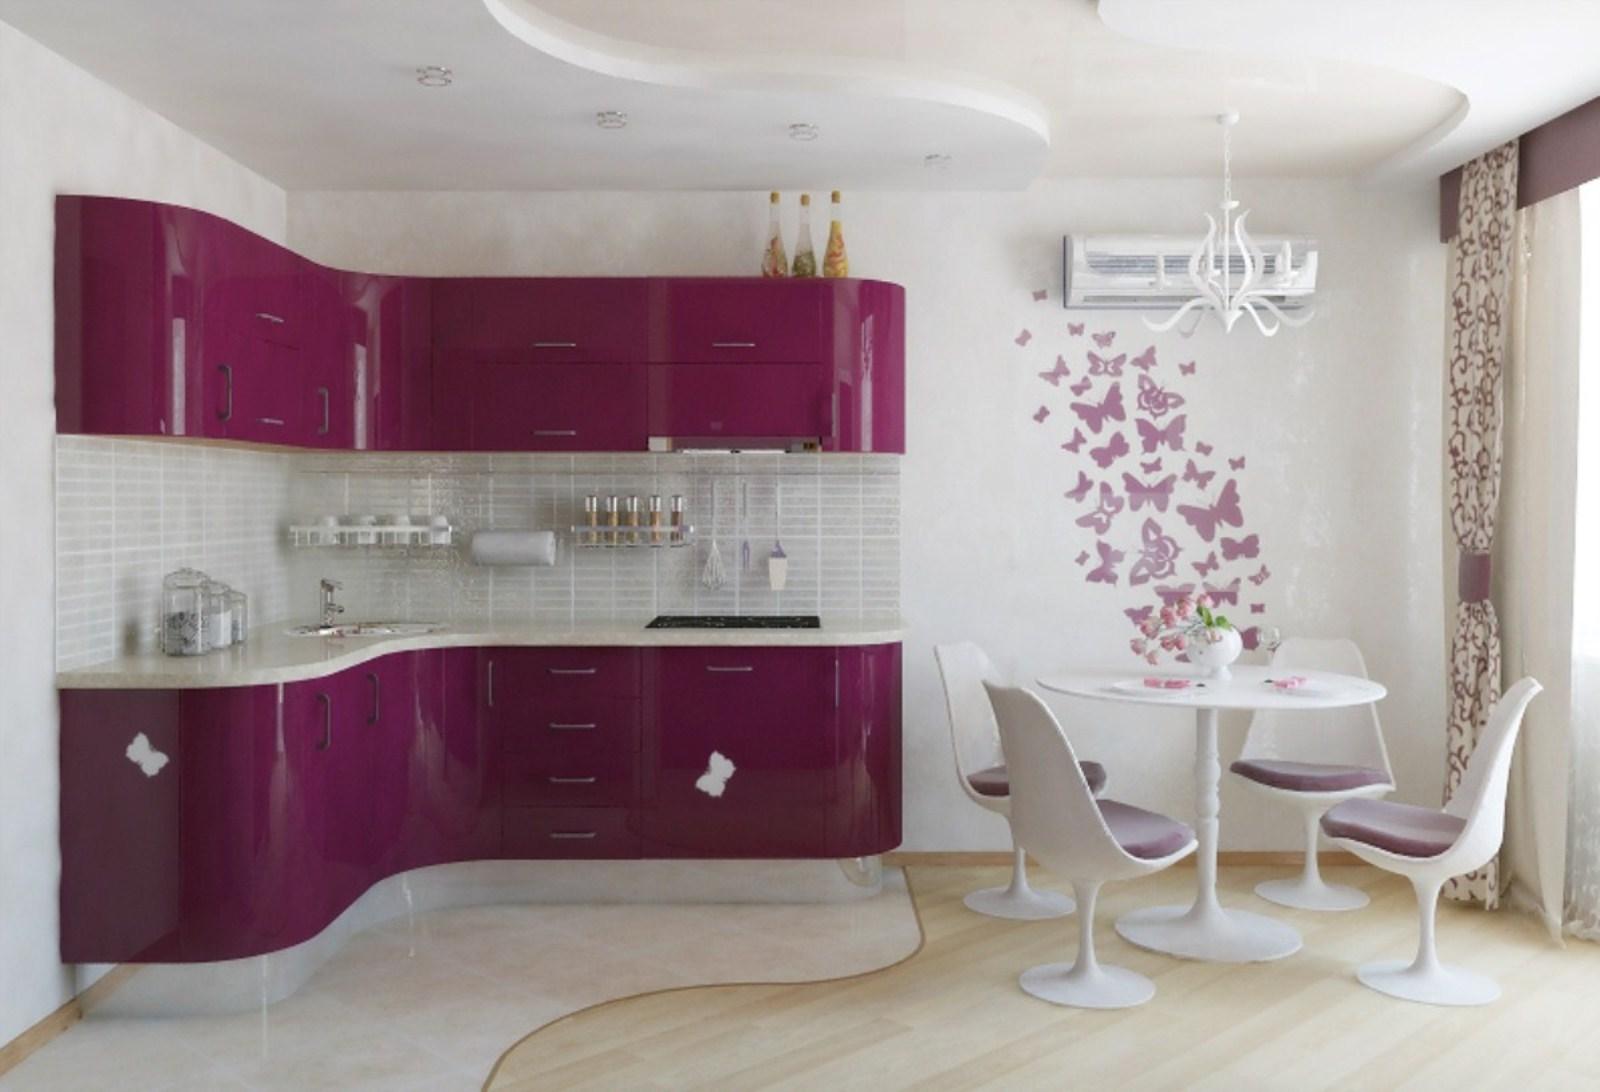 View In Gallery Kabinet Dapur Purple Dan Hiasan Dinding Dengan Rama Kertas Menjadikan Ruang Lebih Ceria